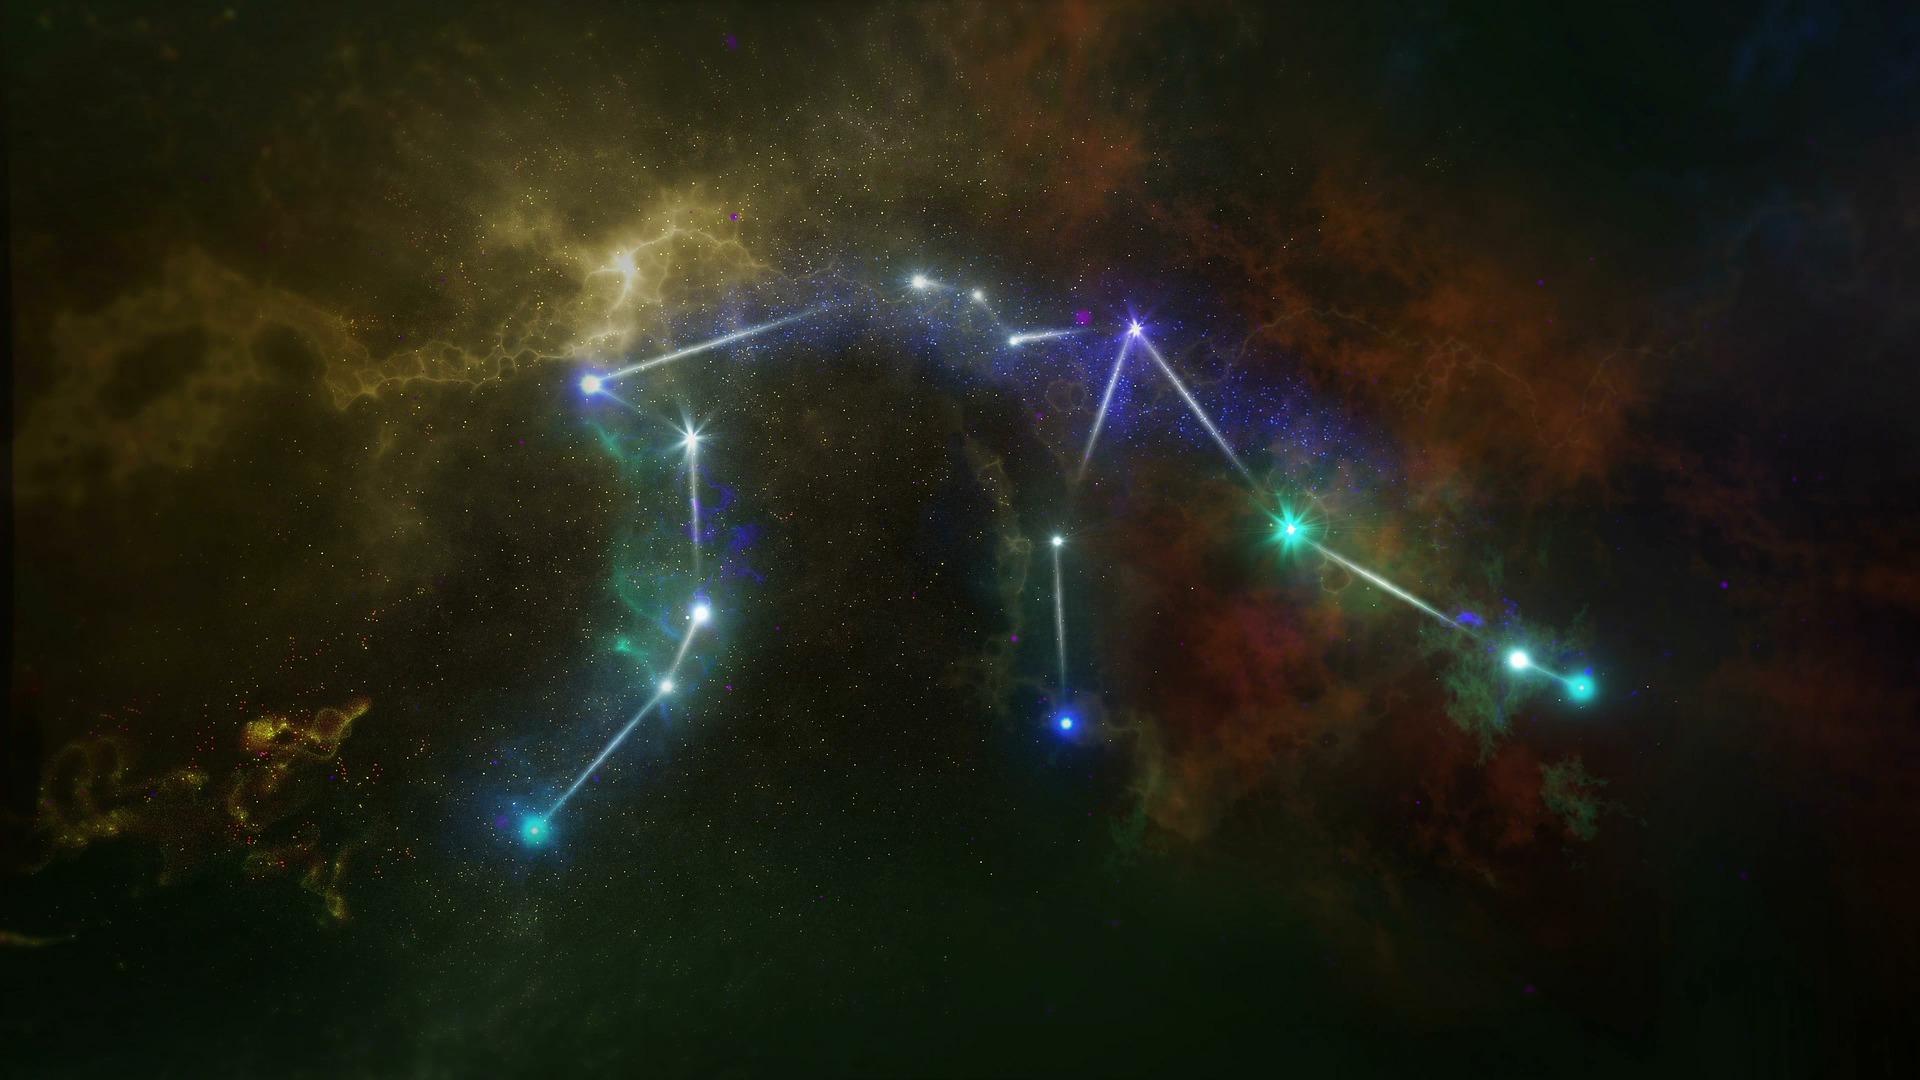 zodiac-3820091_1920